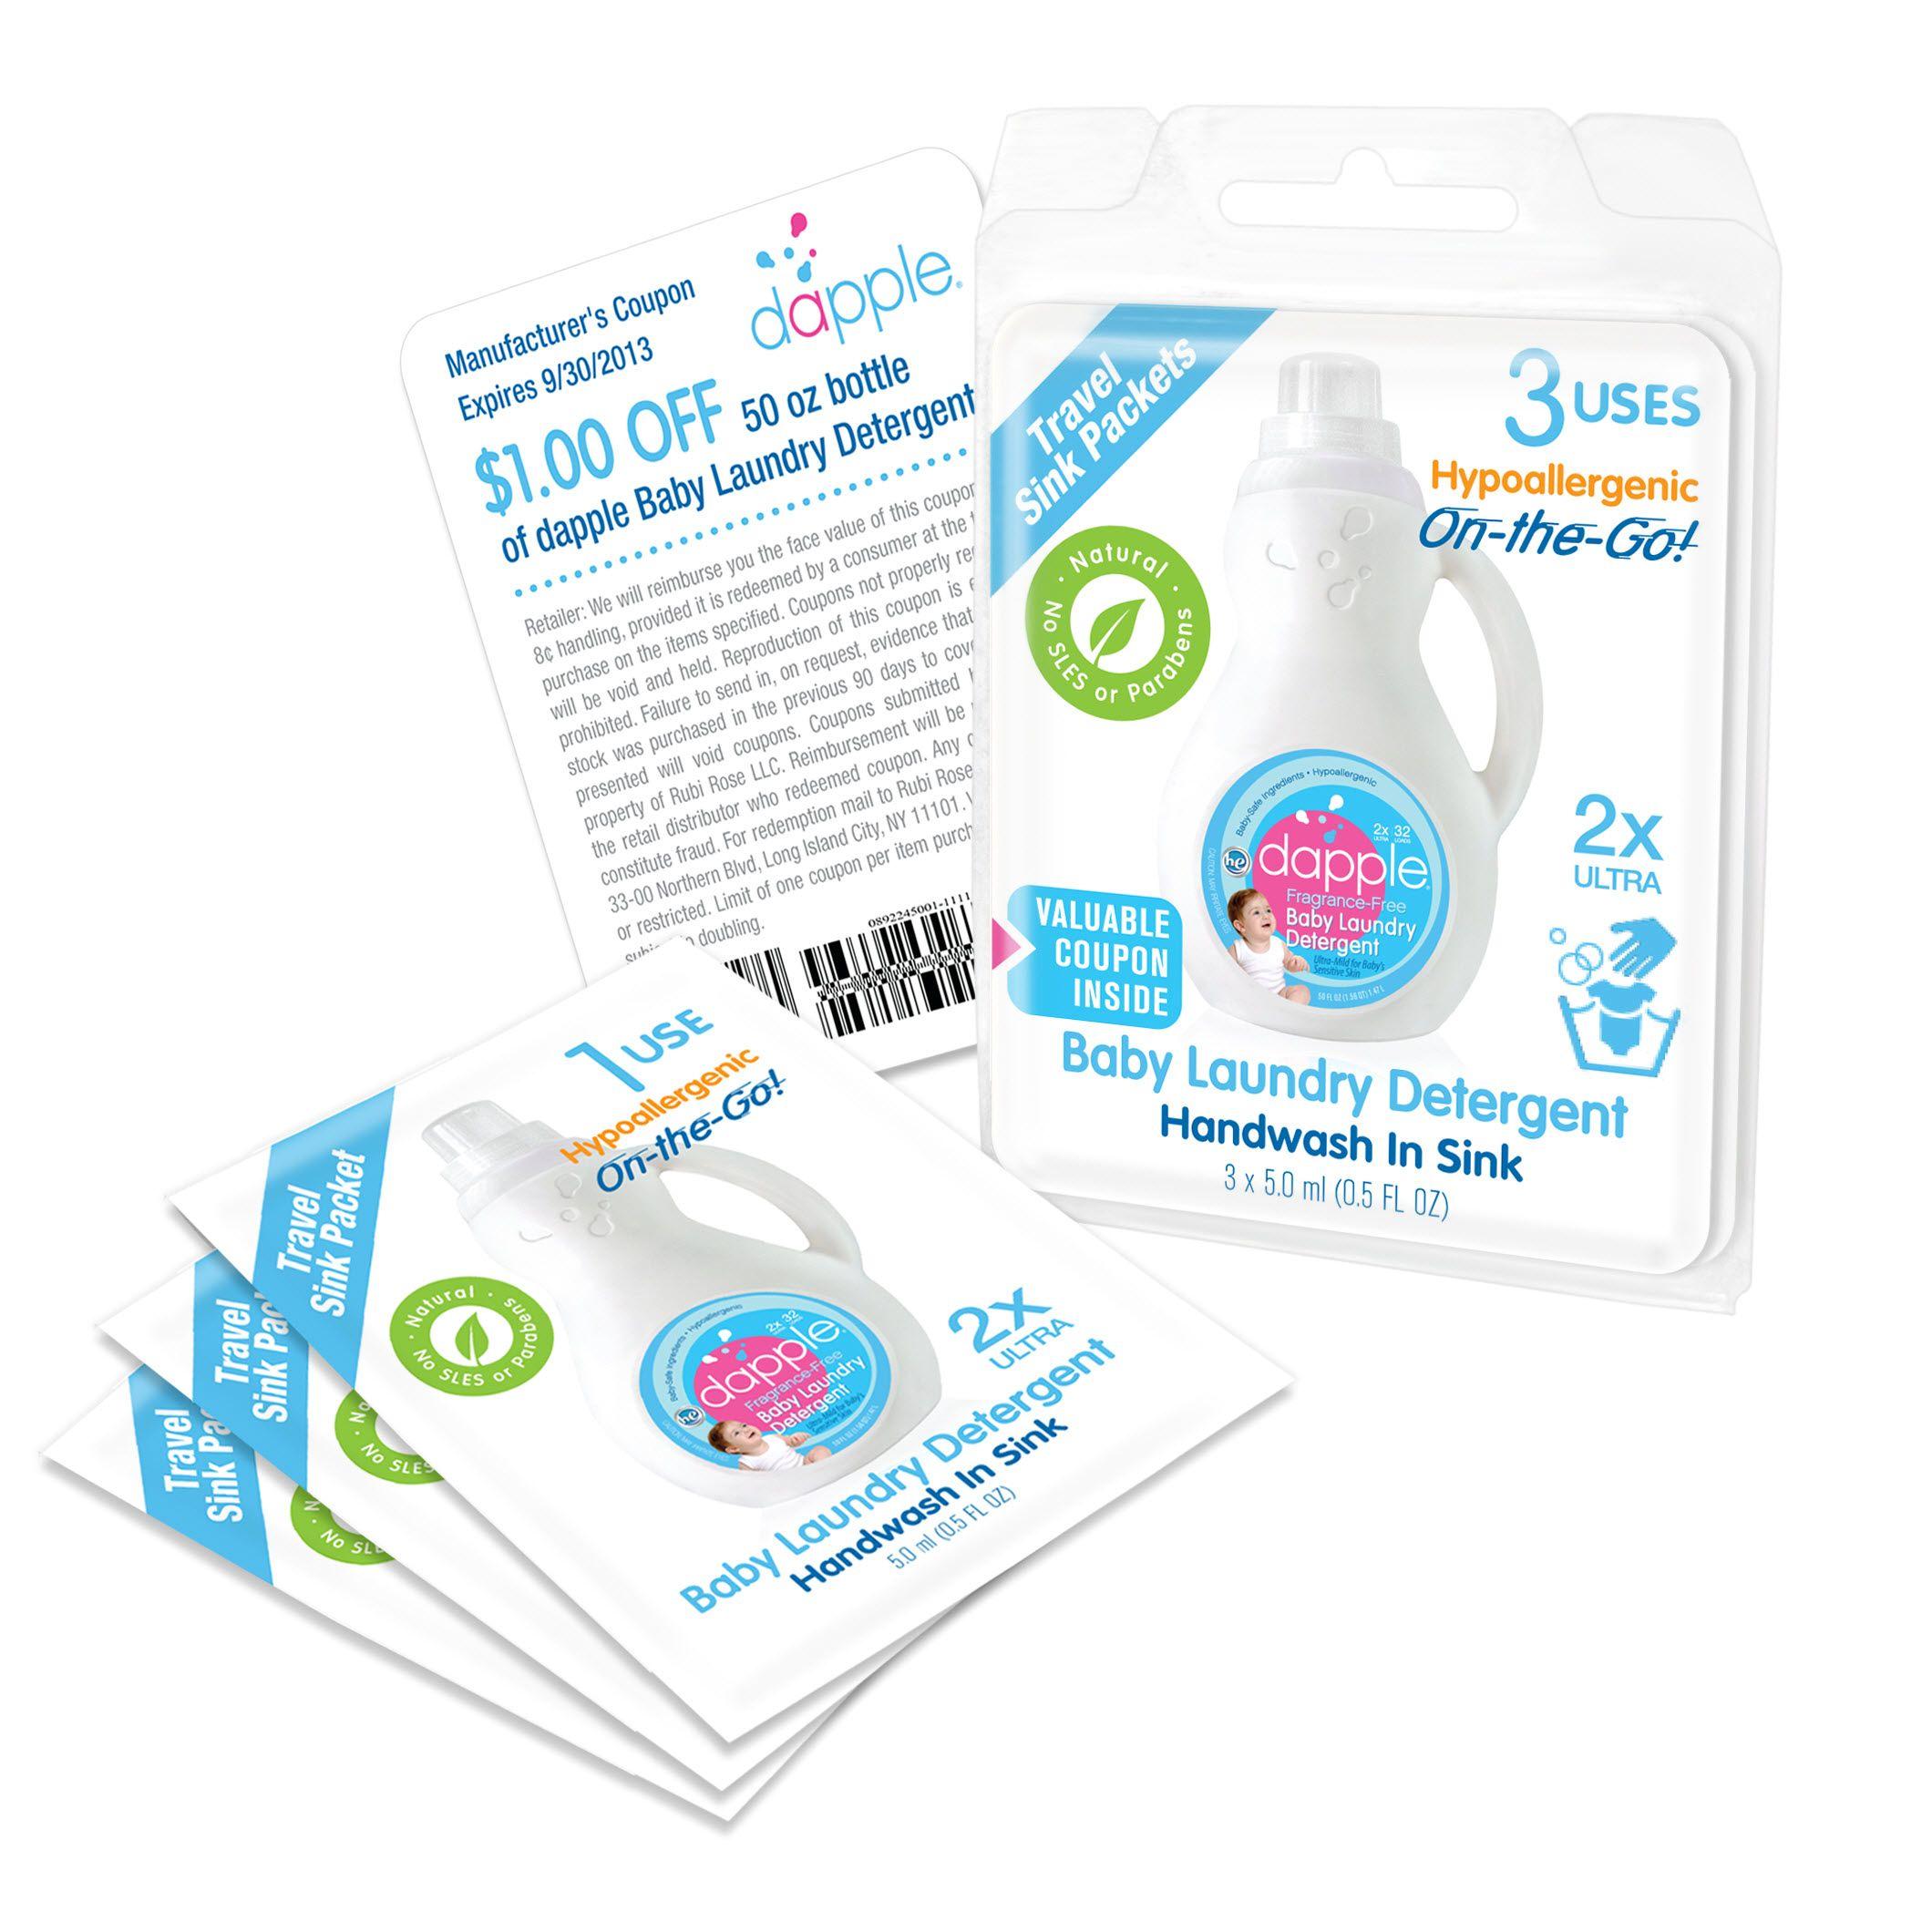 Handwash In Sink Fragrance Free Baby Laundry Detergent Dapple